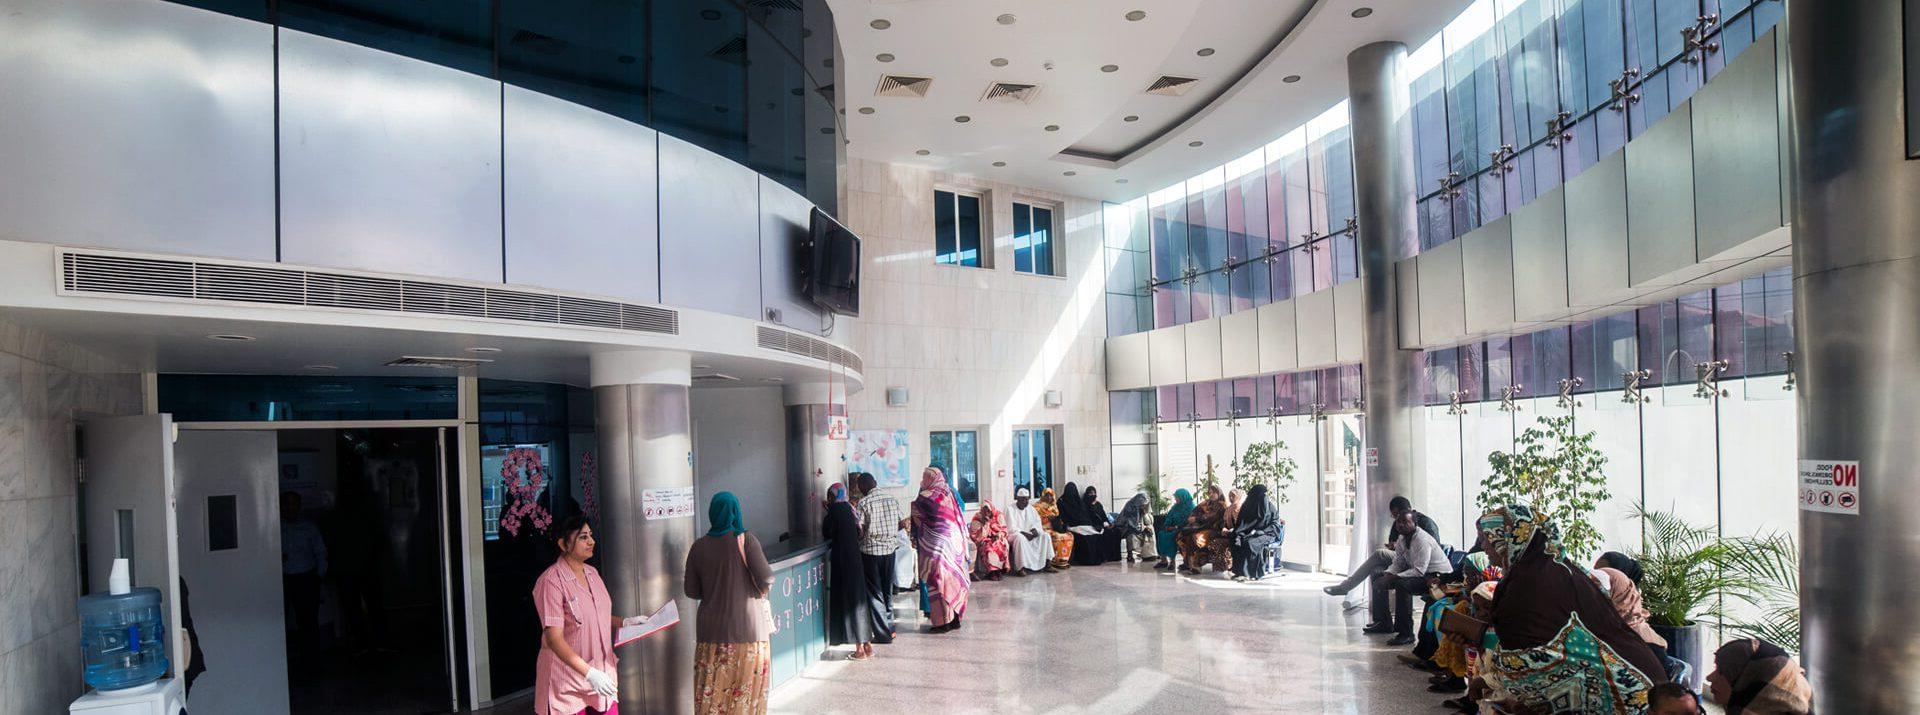 Hasil gambar untuk Khartoum Breast Cancer Center is a member of the US-Sudan Business Council